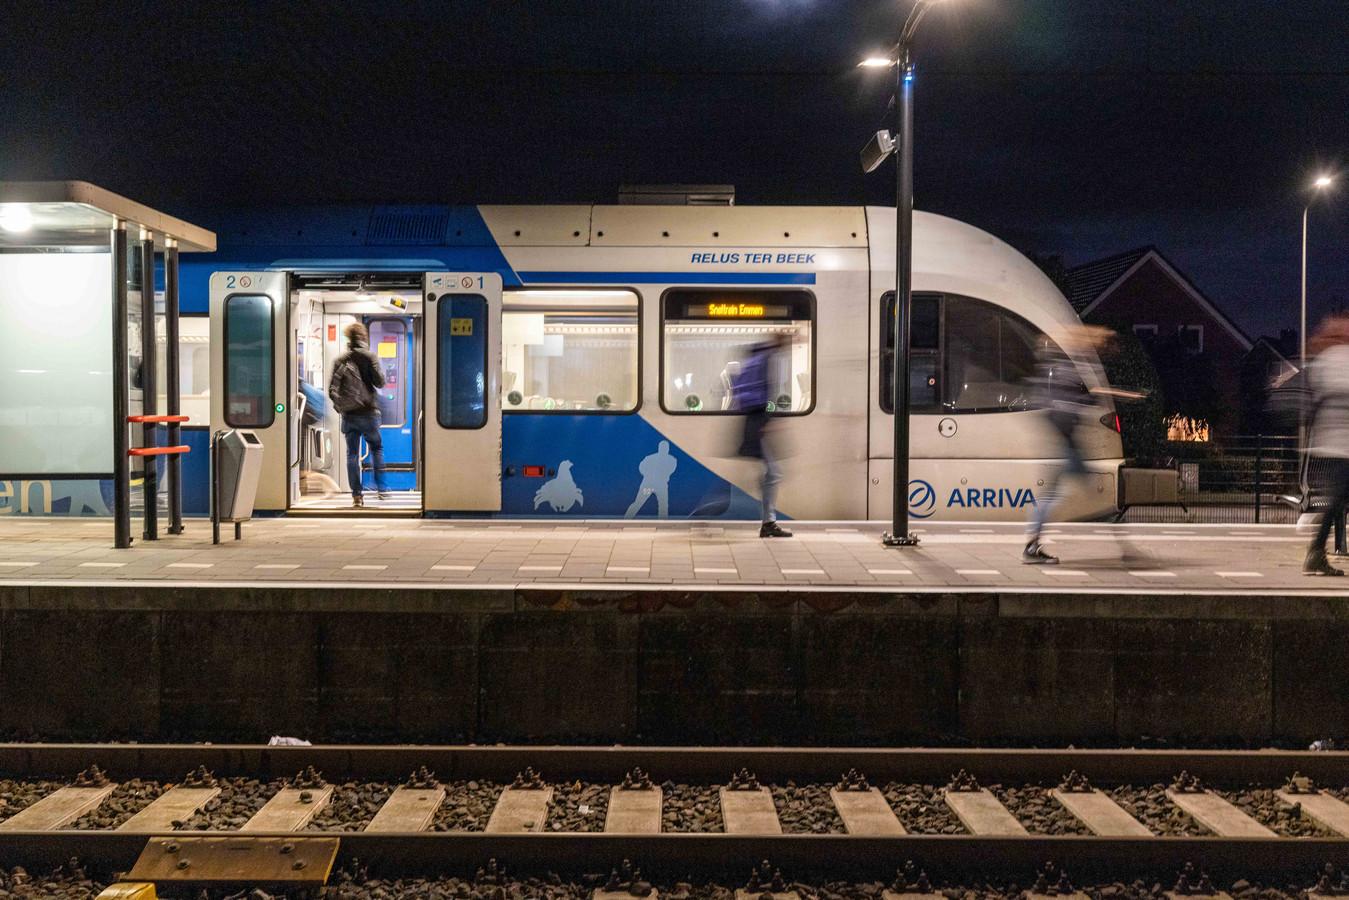 Op de Vechtdallijn wordt personeel beledigd, bespuugd en soms geslagen. De regionale VVD wil nu actie vanuit Den Haag.